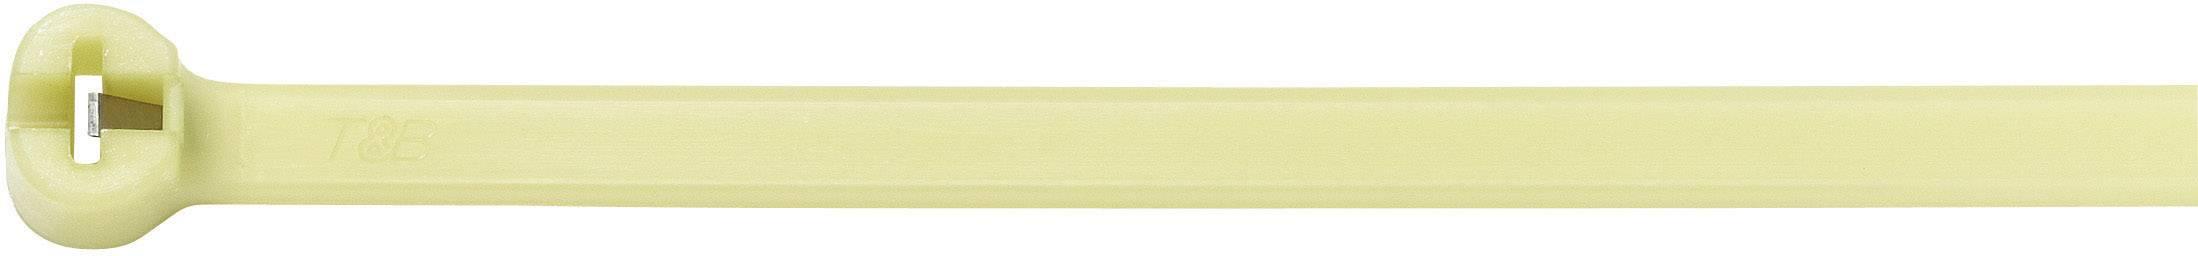 Sťahovacie pásky ABB TYHT25M TYHT25M, 186 mm, zelená, 1 ks